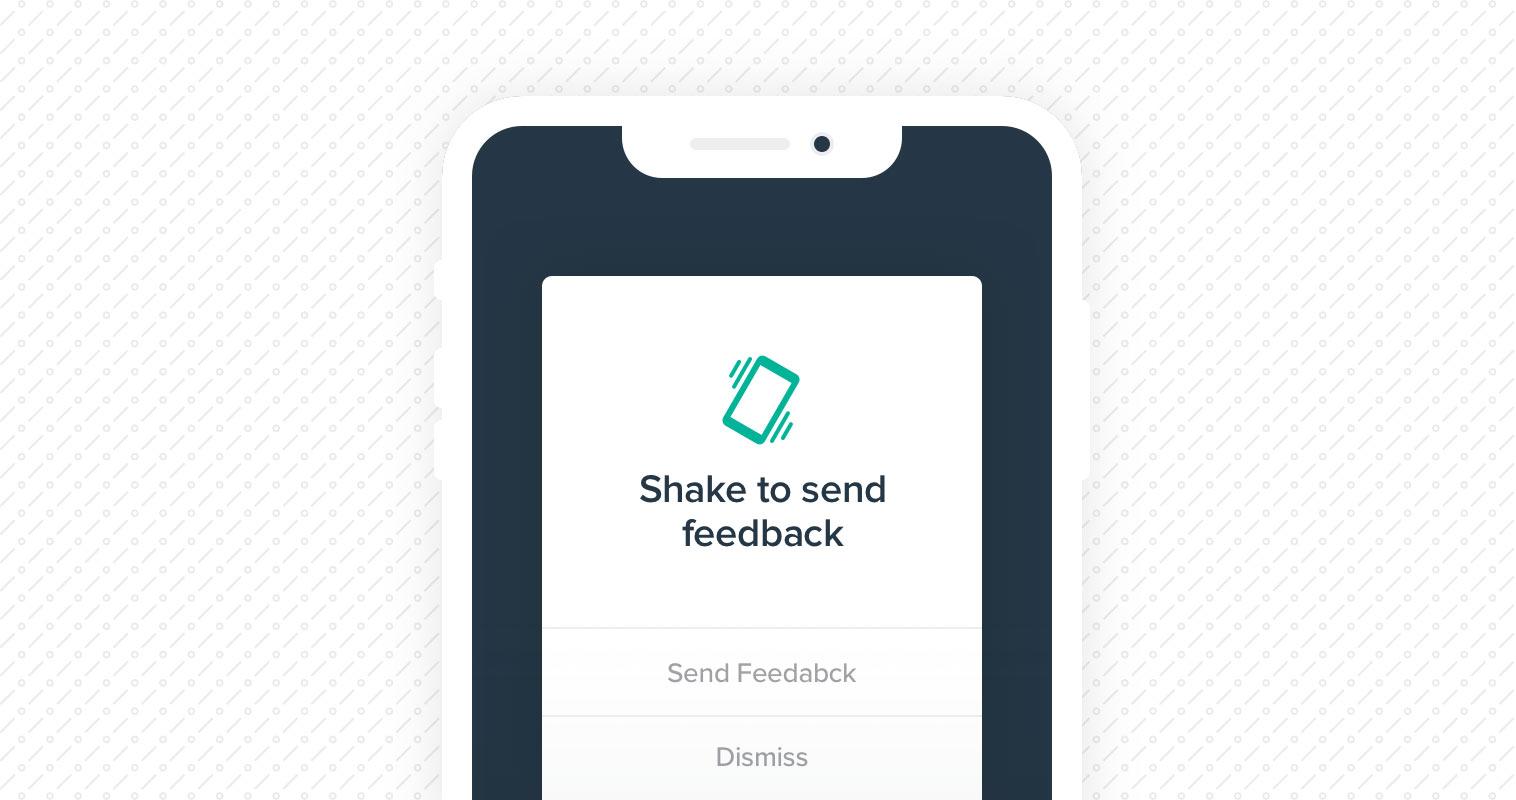 Shake to send feedback